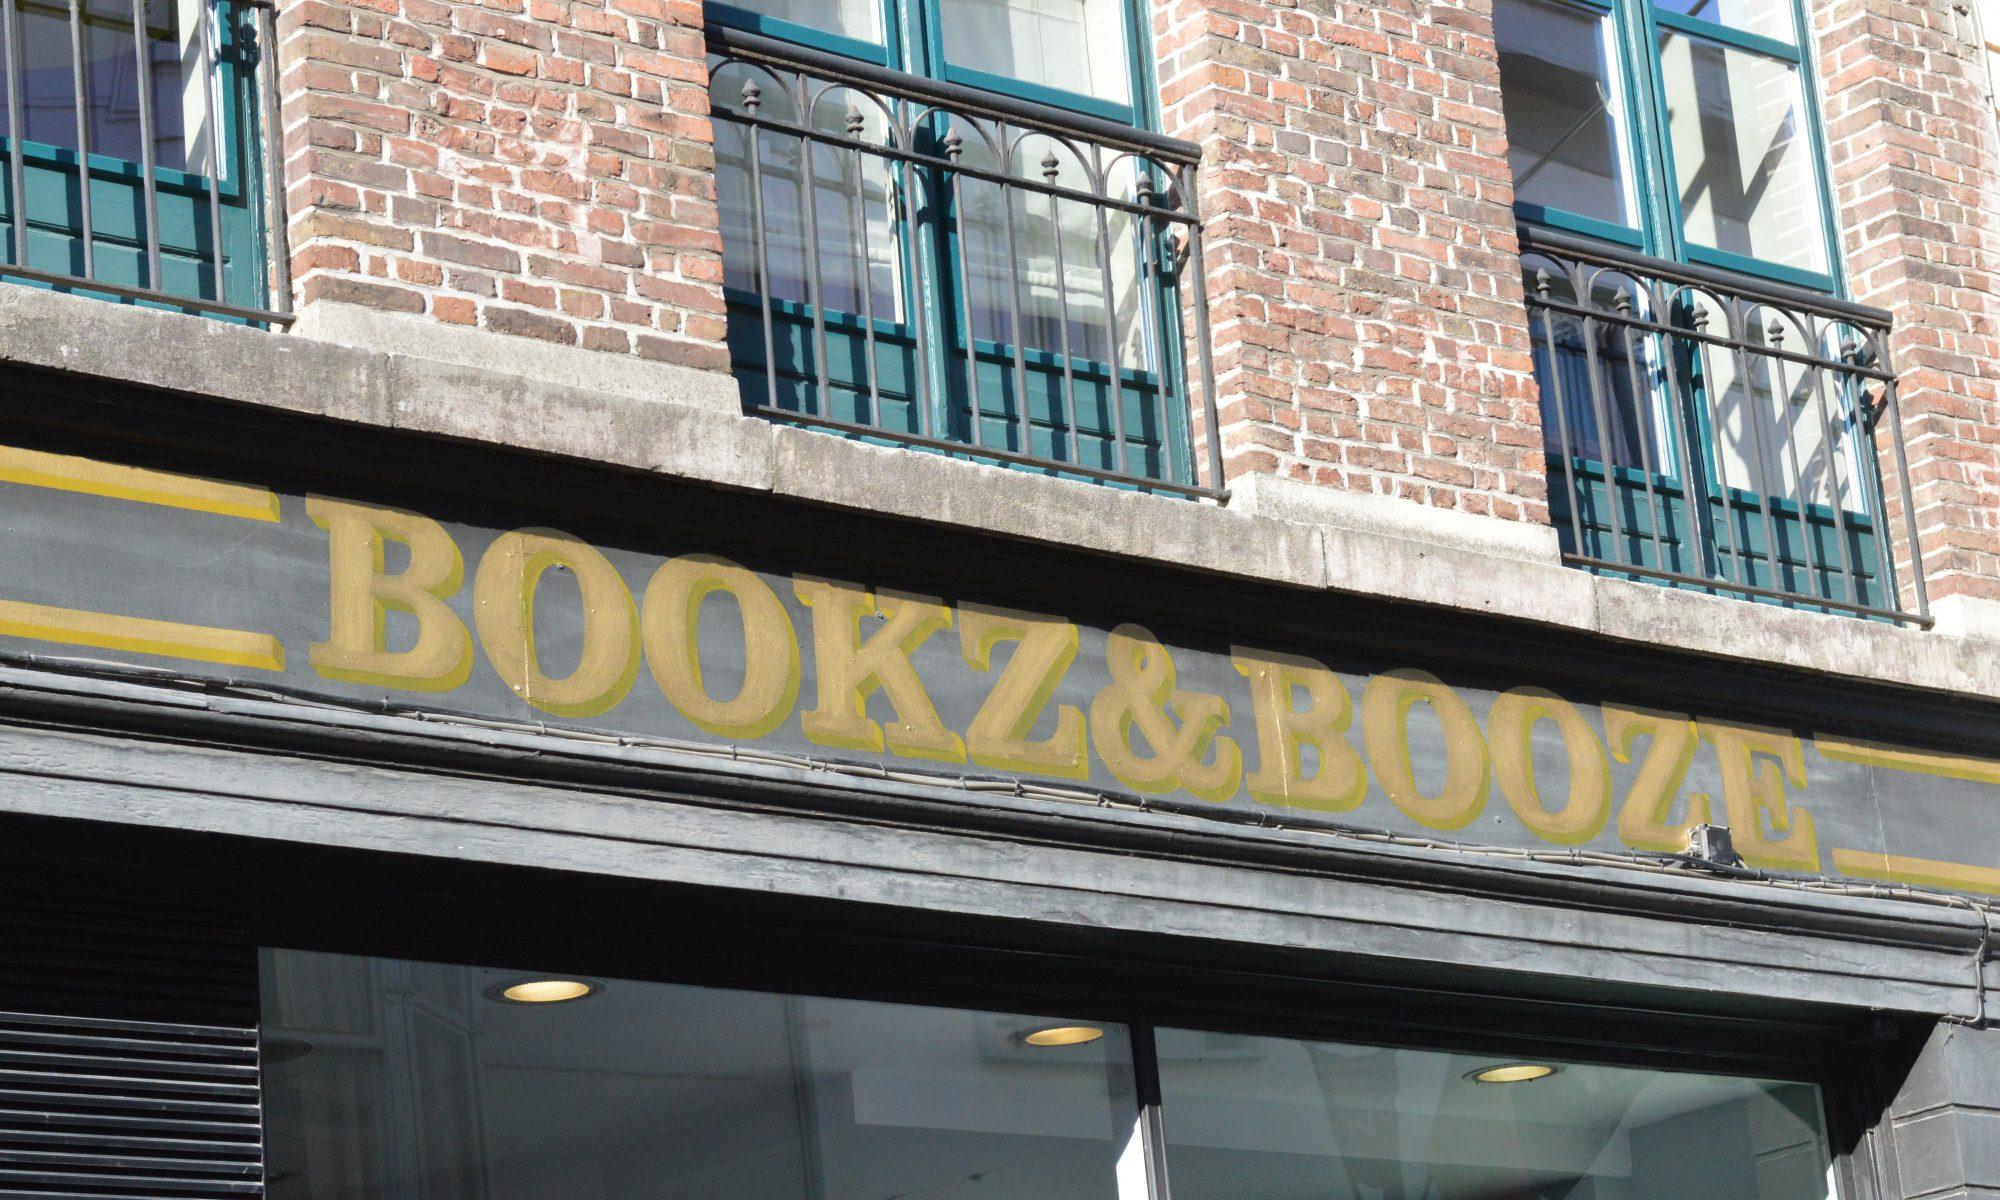 Bookz&Booze